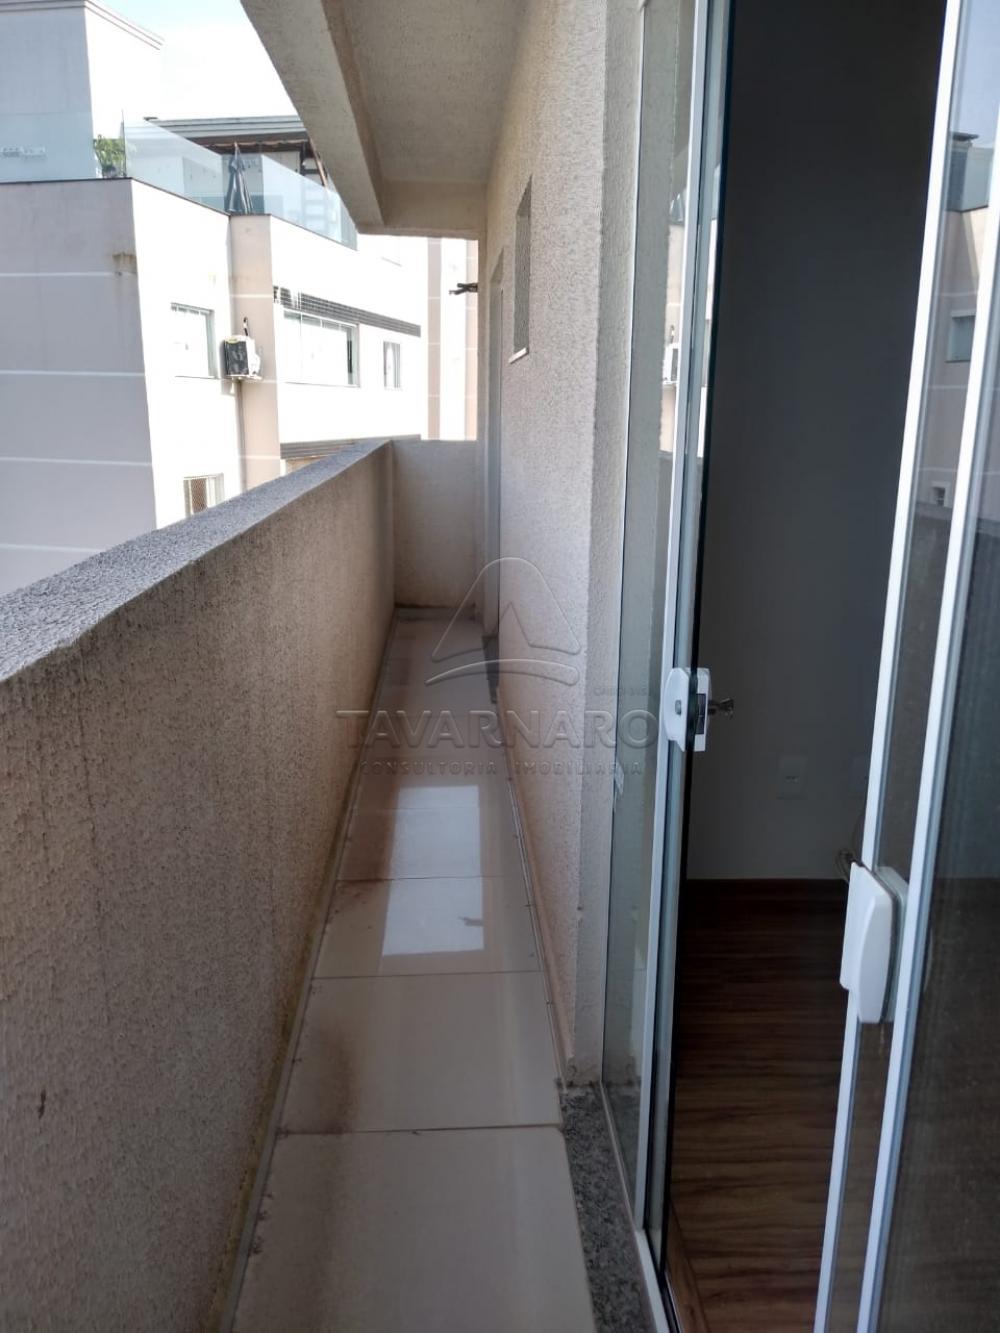 Comprar Apartamento / Padrão em Ponta Grossa apenas R$ 412.000,00 - Foto 16